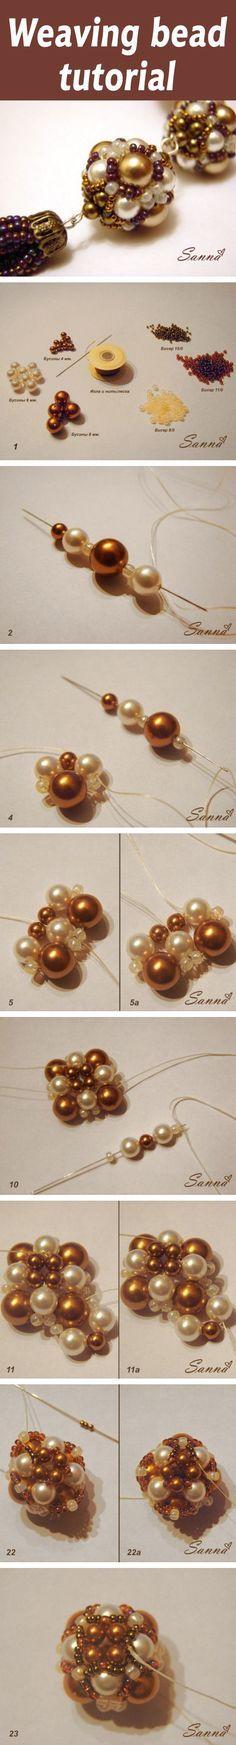 Weaving bead tutorial